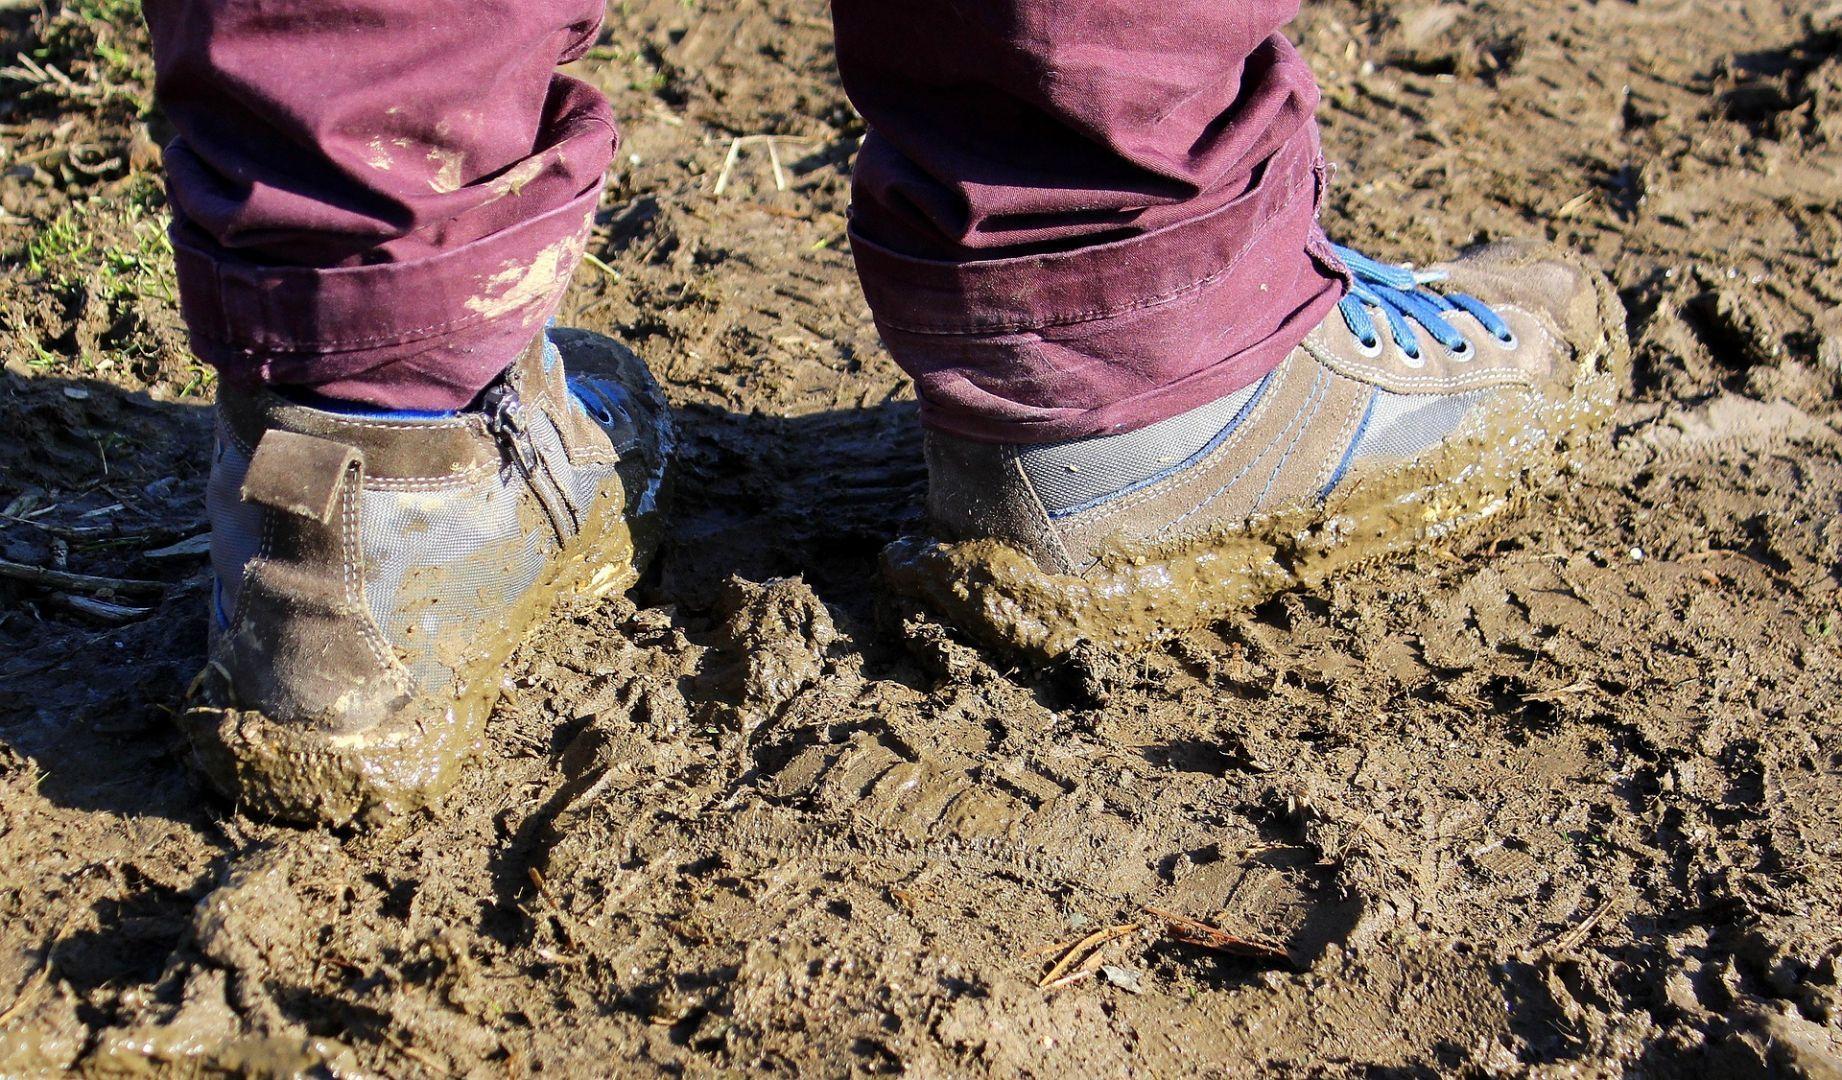 Lekker modderig en vies worden! (Foto: aangeleverd)